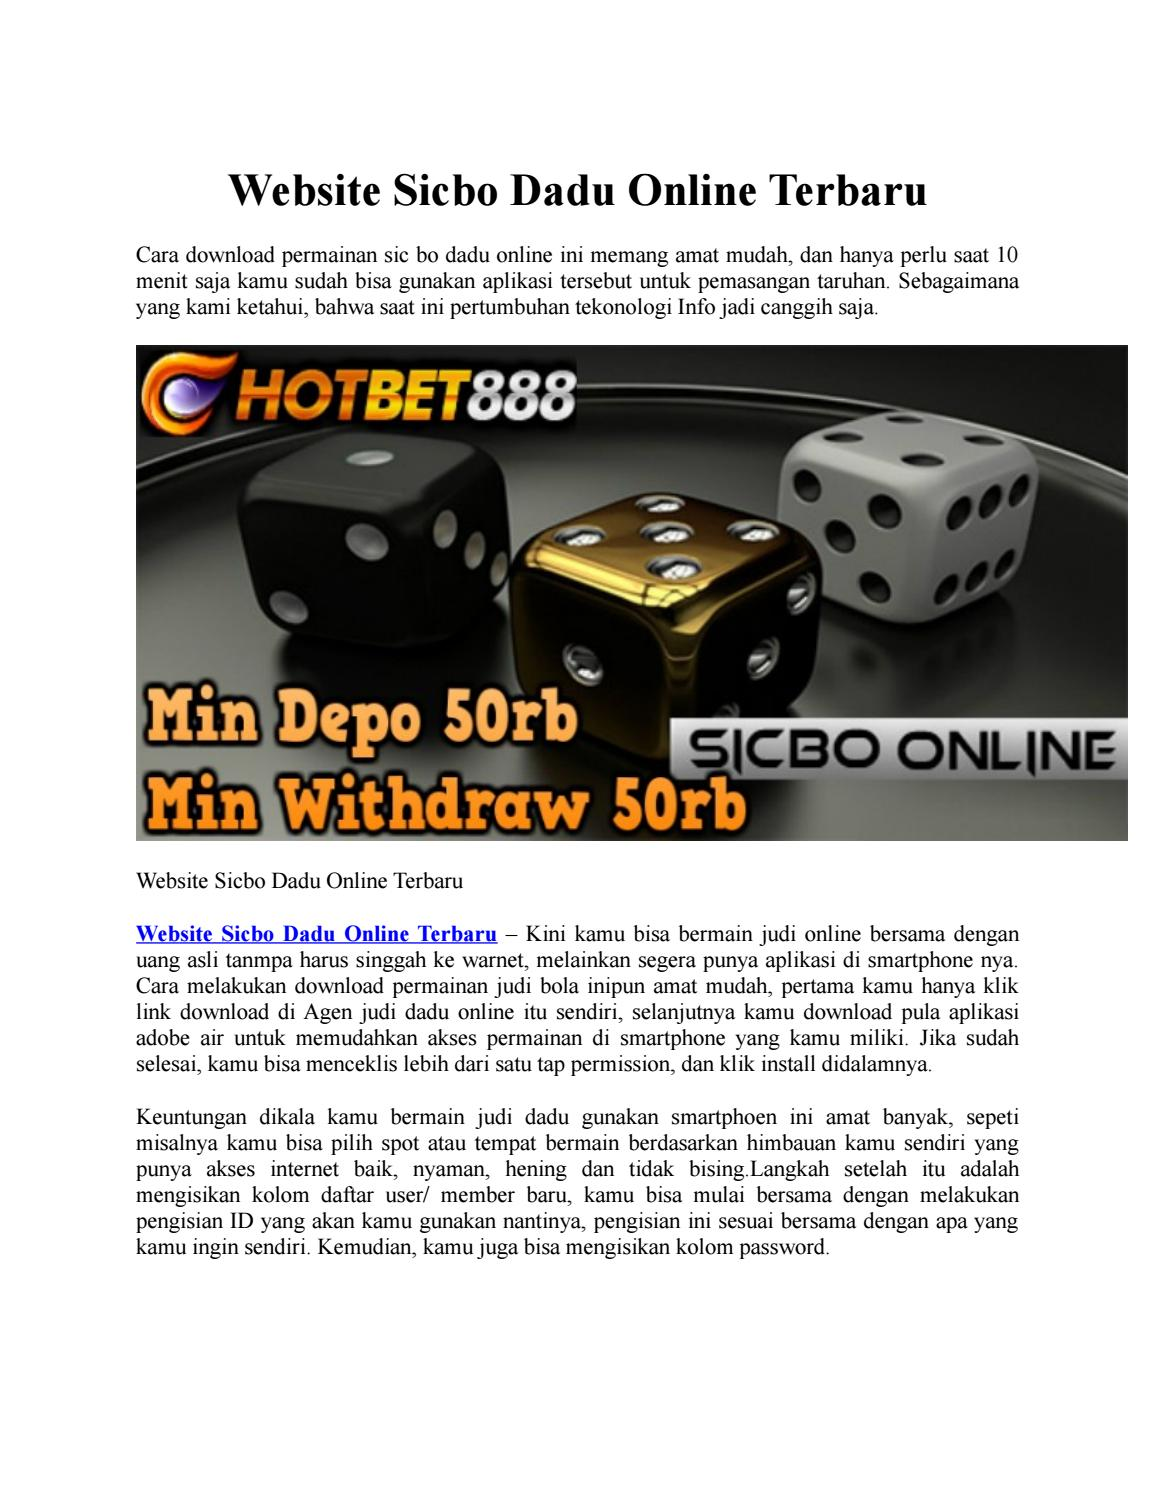 Website Sicbo Dadu Online Terbaru By Graham Lee Hotbet888 Issuu